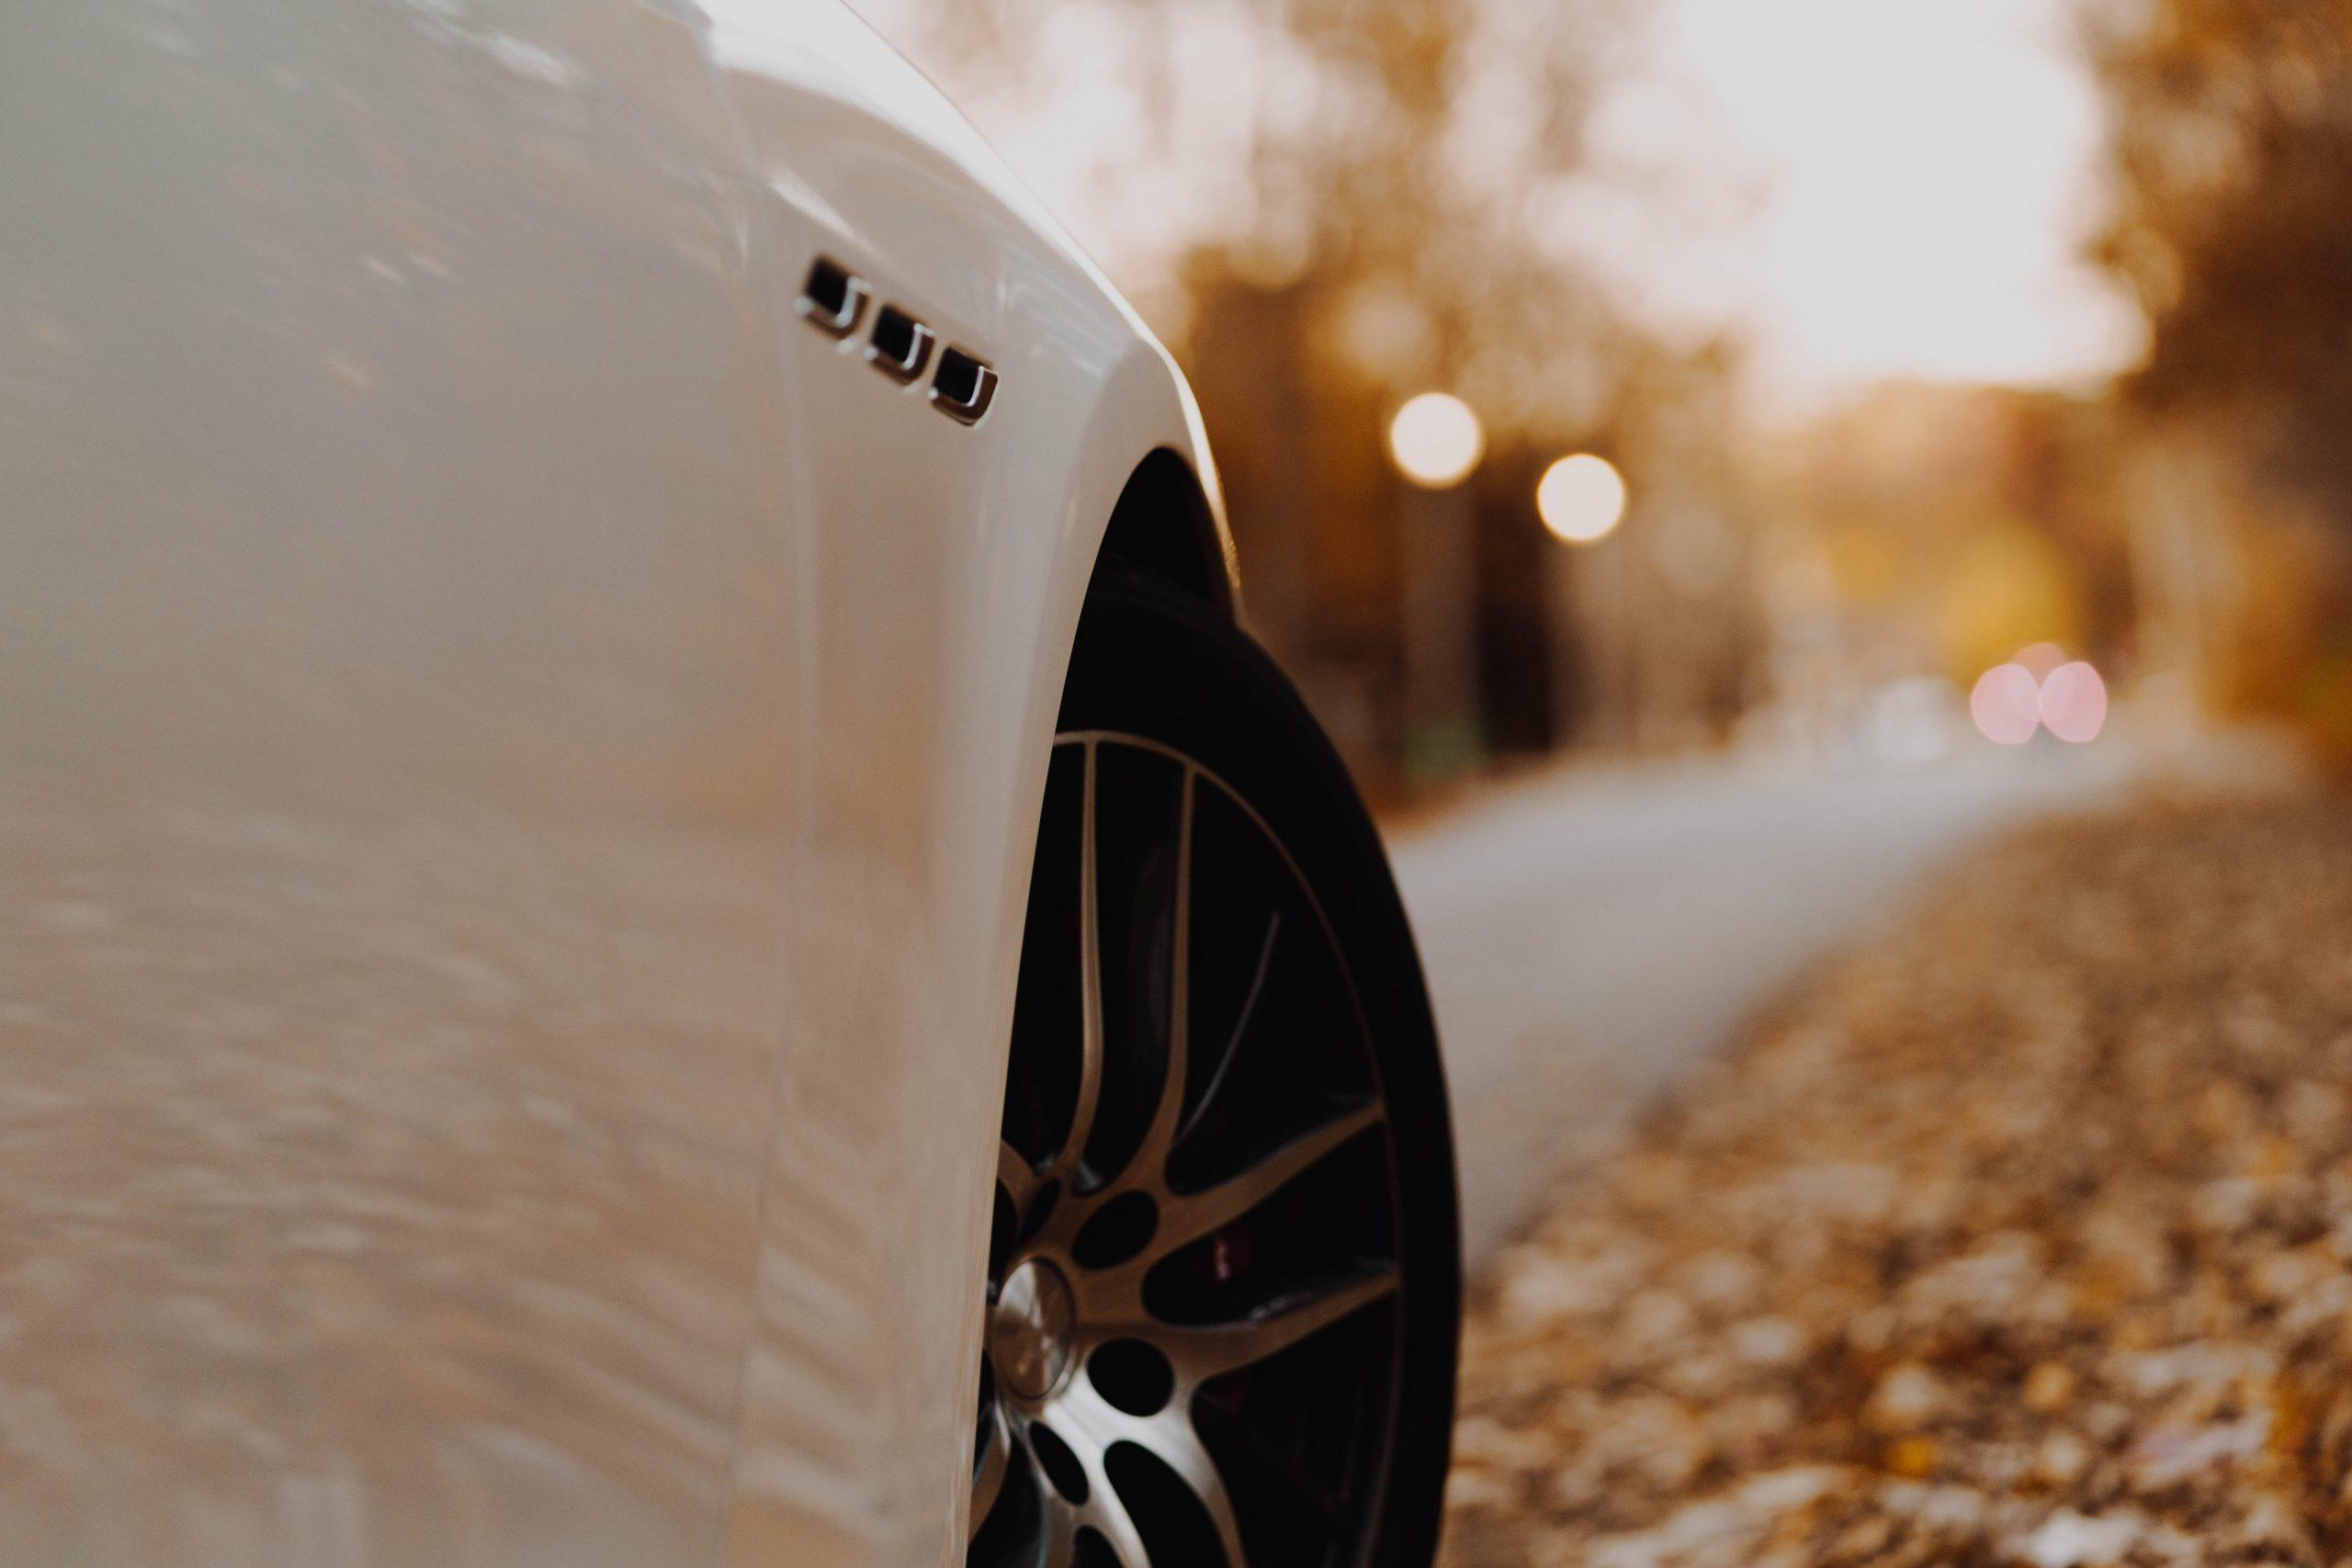 Maserati 4Gs Long Weekend Run (Gouldburn, Gunning, Gundaroo and Gundagai)